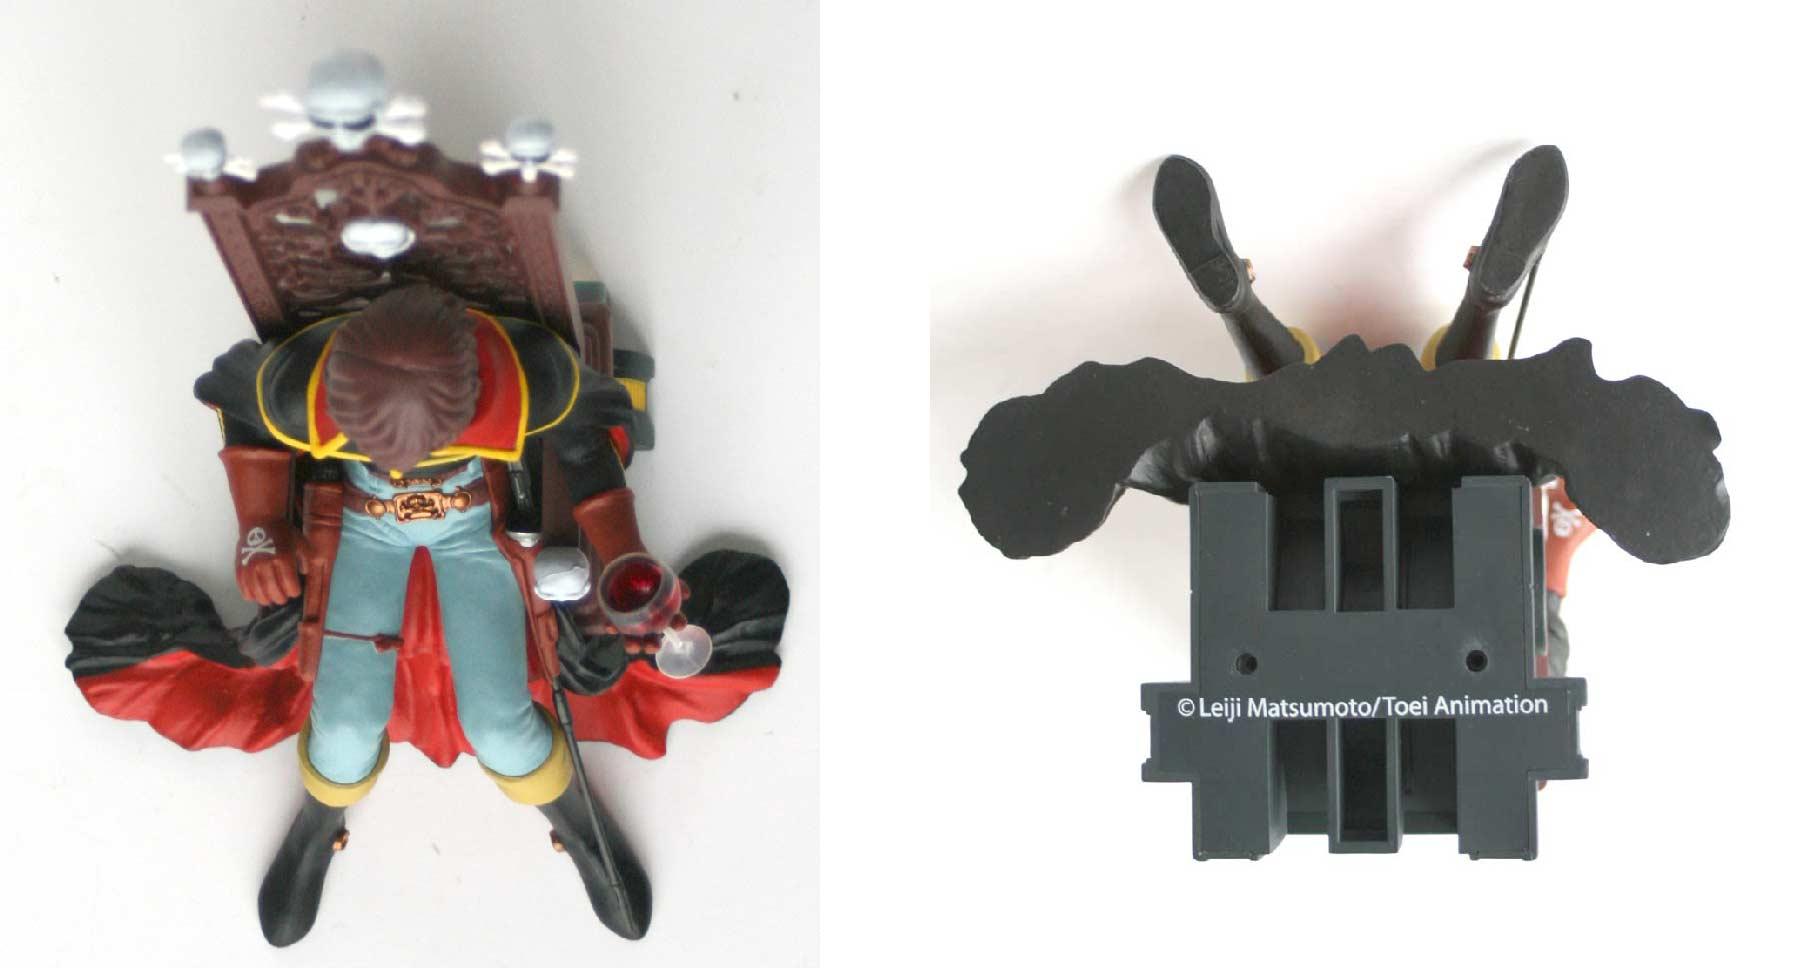 Vue de dessus et de dessous de la figurine